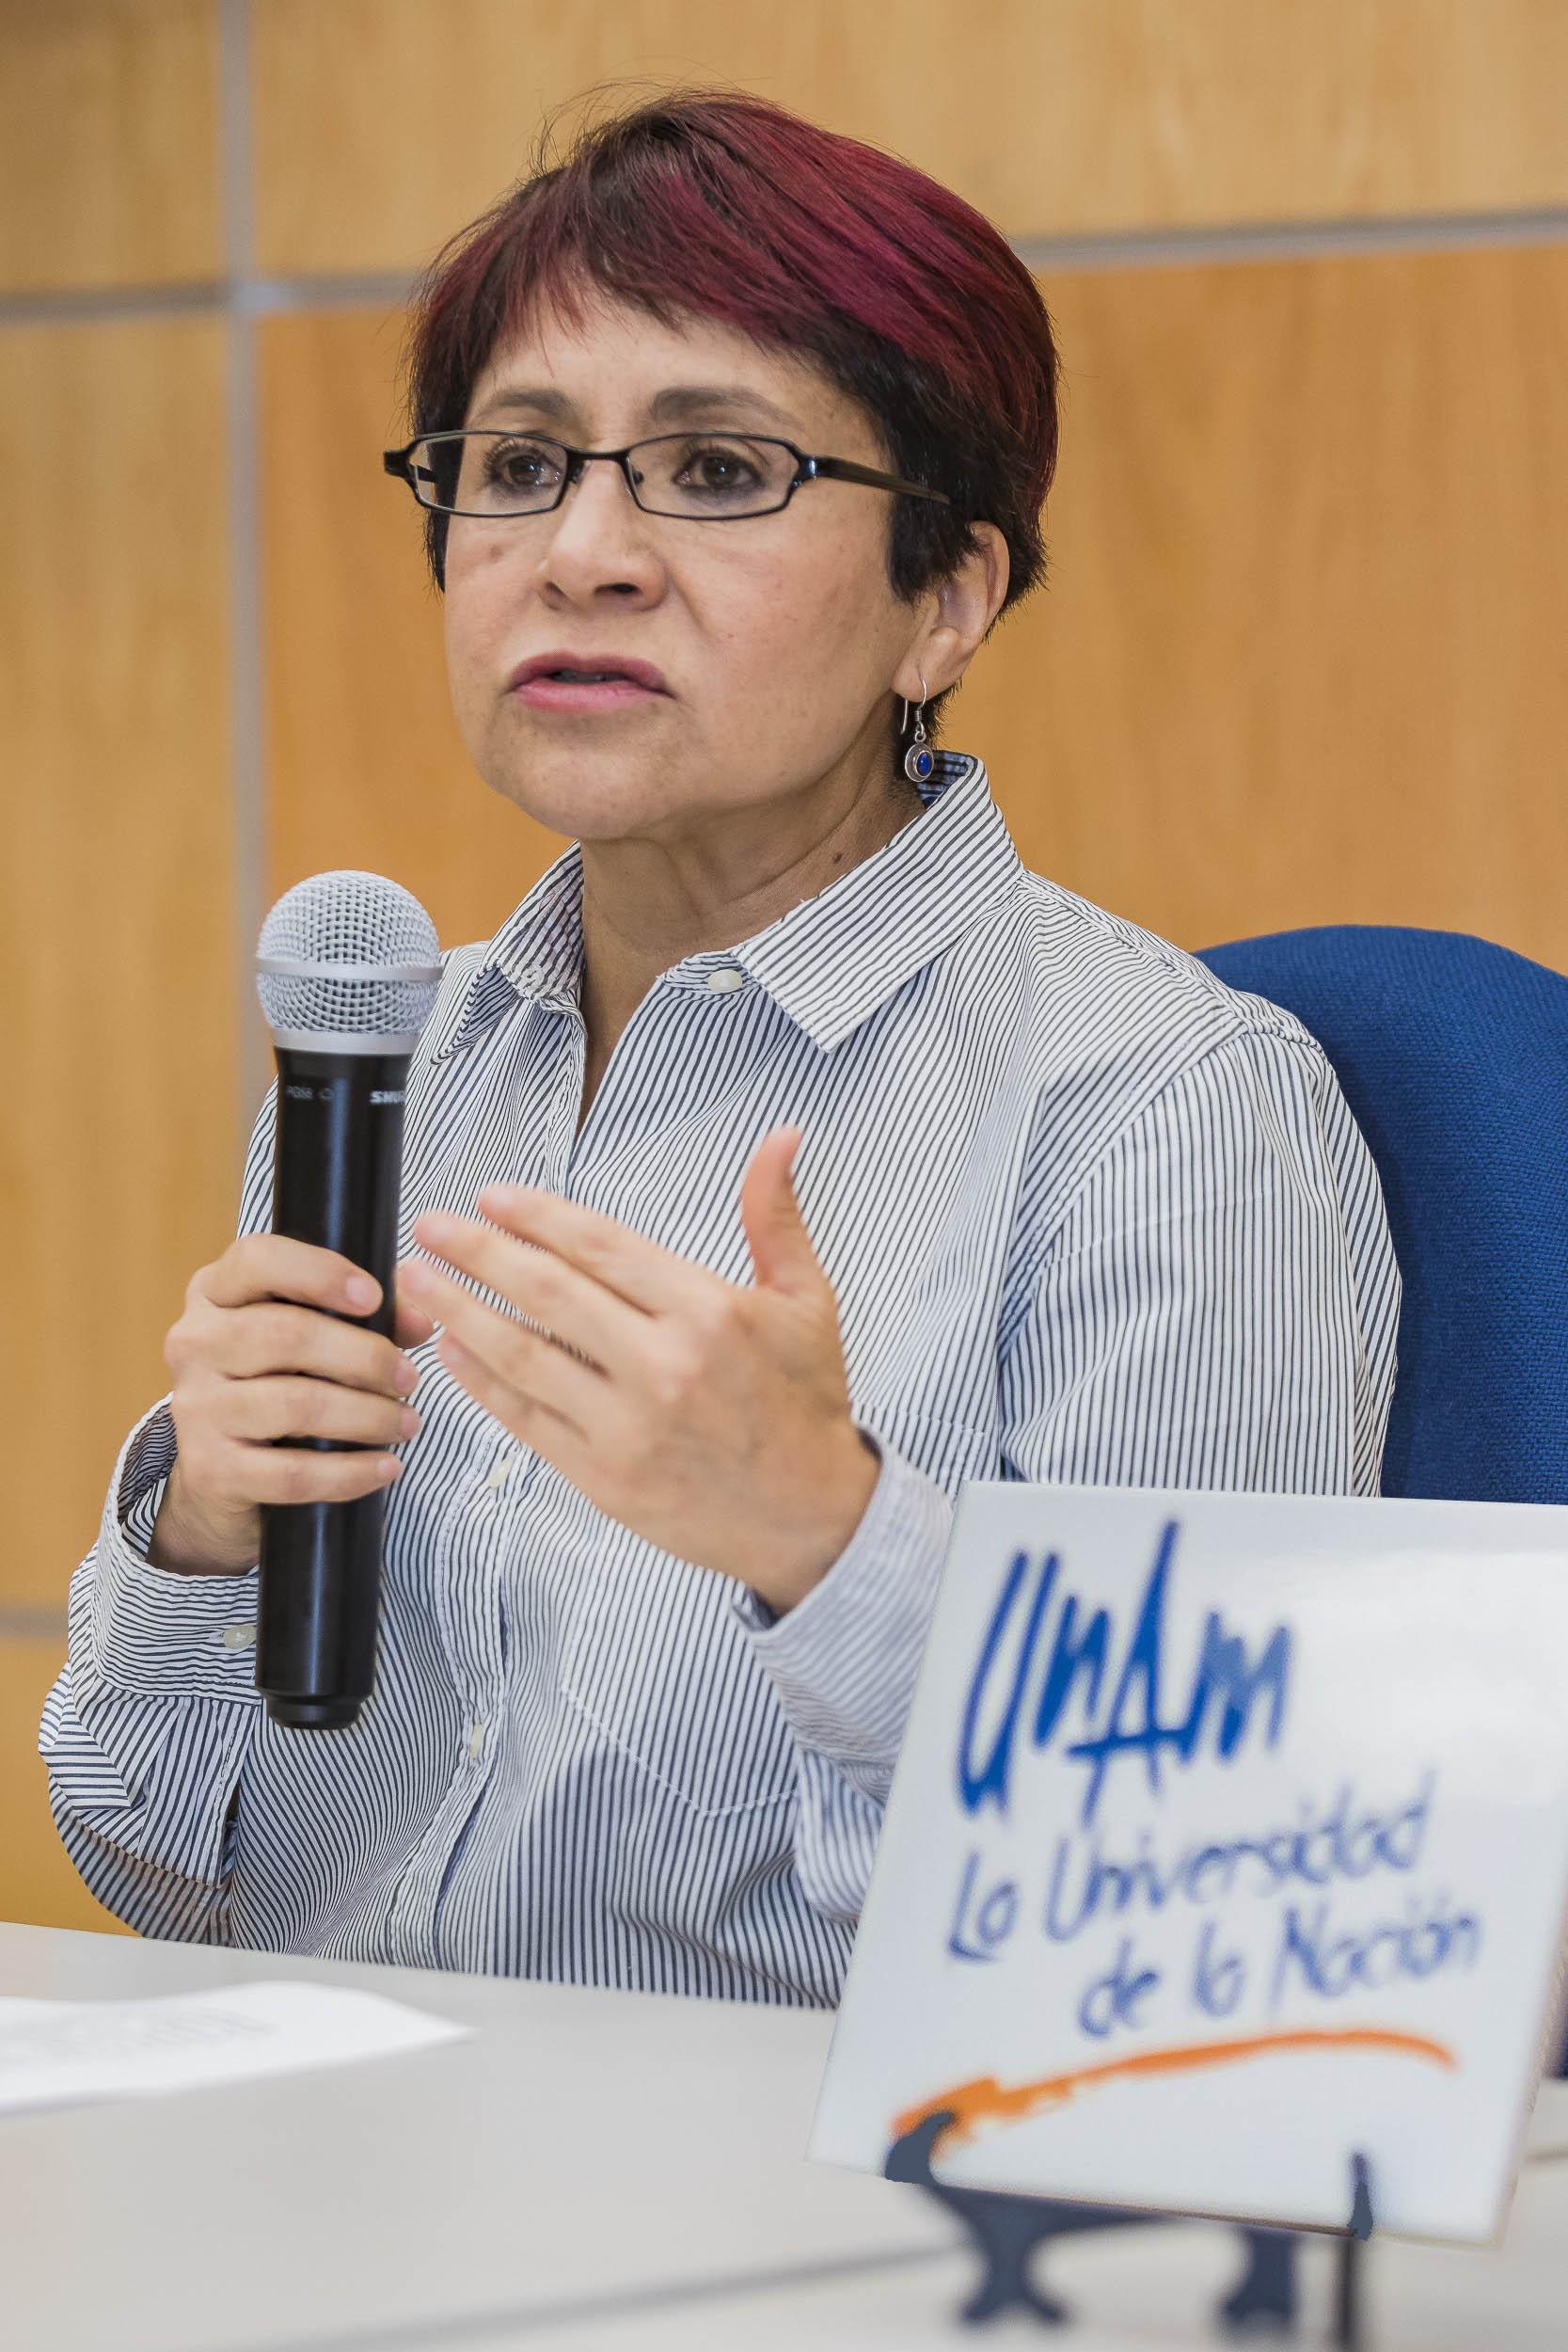 POR PRIMERA VEZ EN MÉXICO, LA UNAM USA TECNOLOGÍA DE PUNTA PARA ESTUDIAR TERREMOTOS Y TSUNAMIS